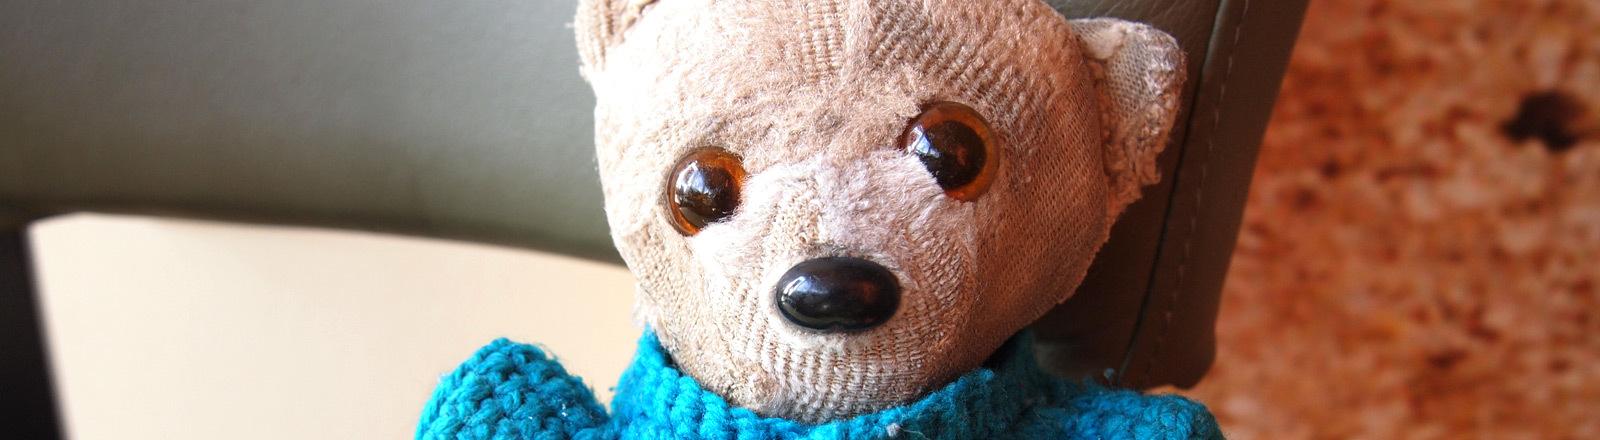 Teddybär Brummel.